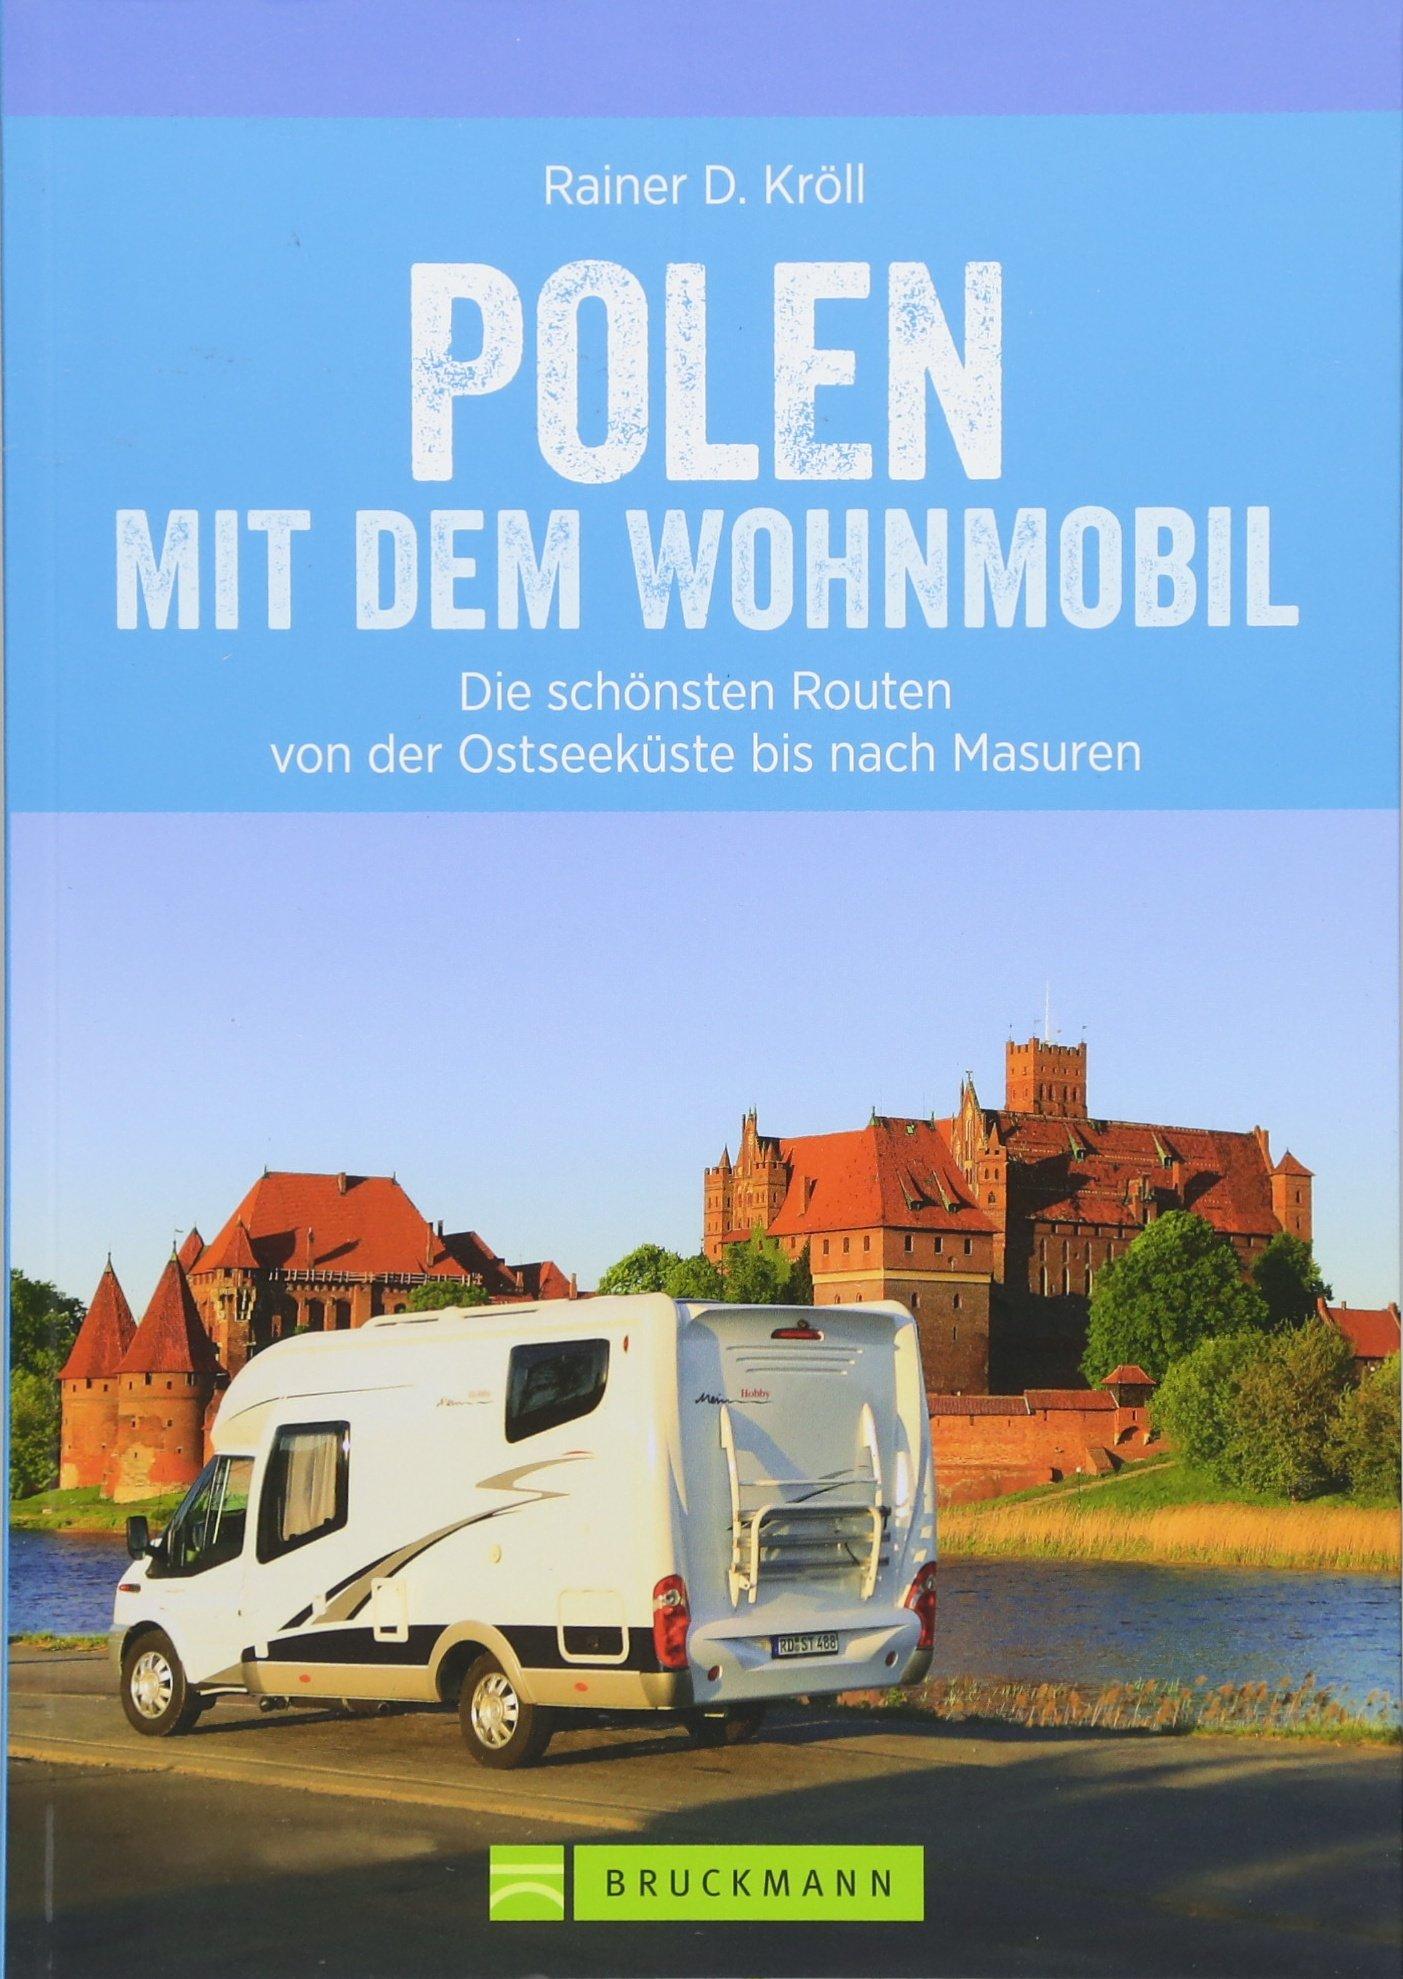 Polen Wohnmobil: Polen Nord mit dem Wohnmobil. Die schönsten